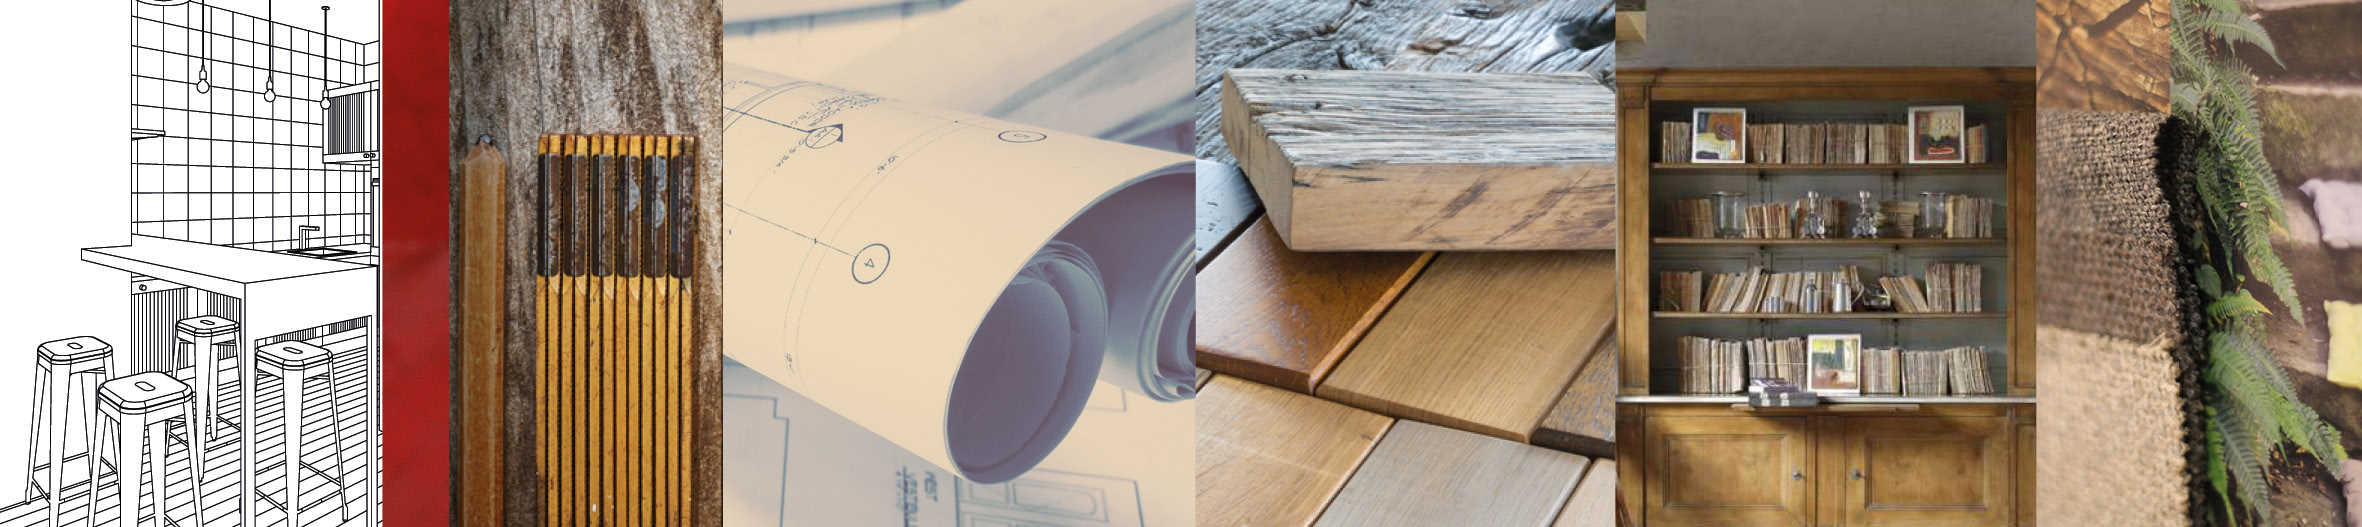 Bien plus qu un b niste meuble contemporain fabricant for Les aubaines meubles